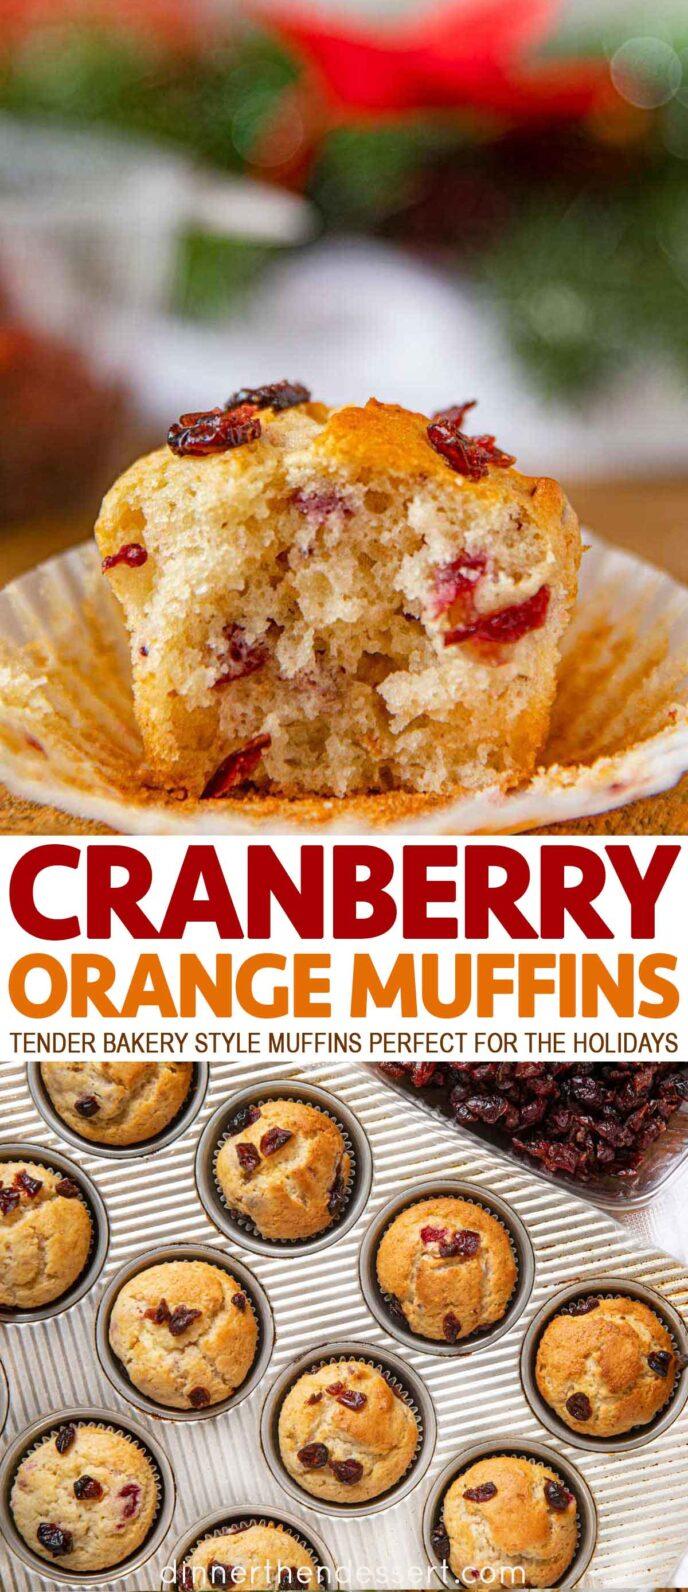 Cranberry Muffins with Orange Zest